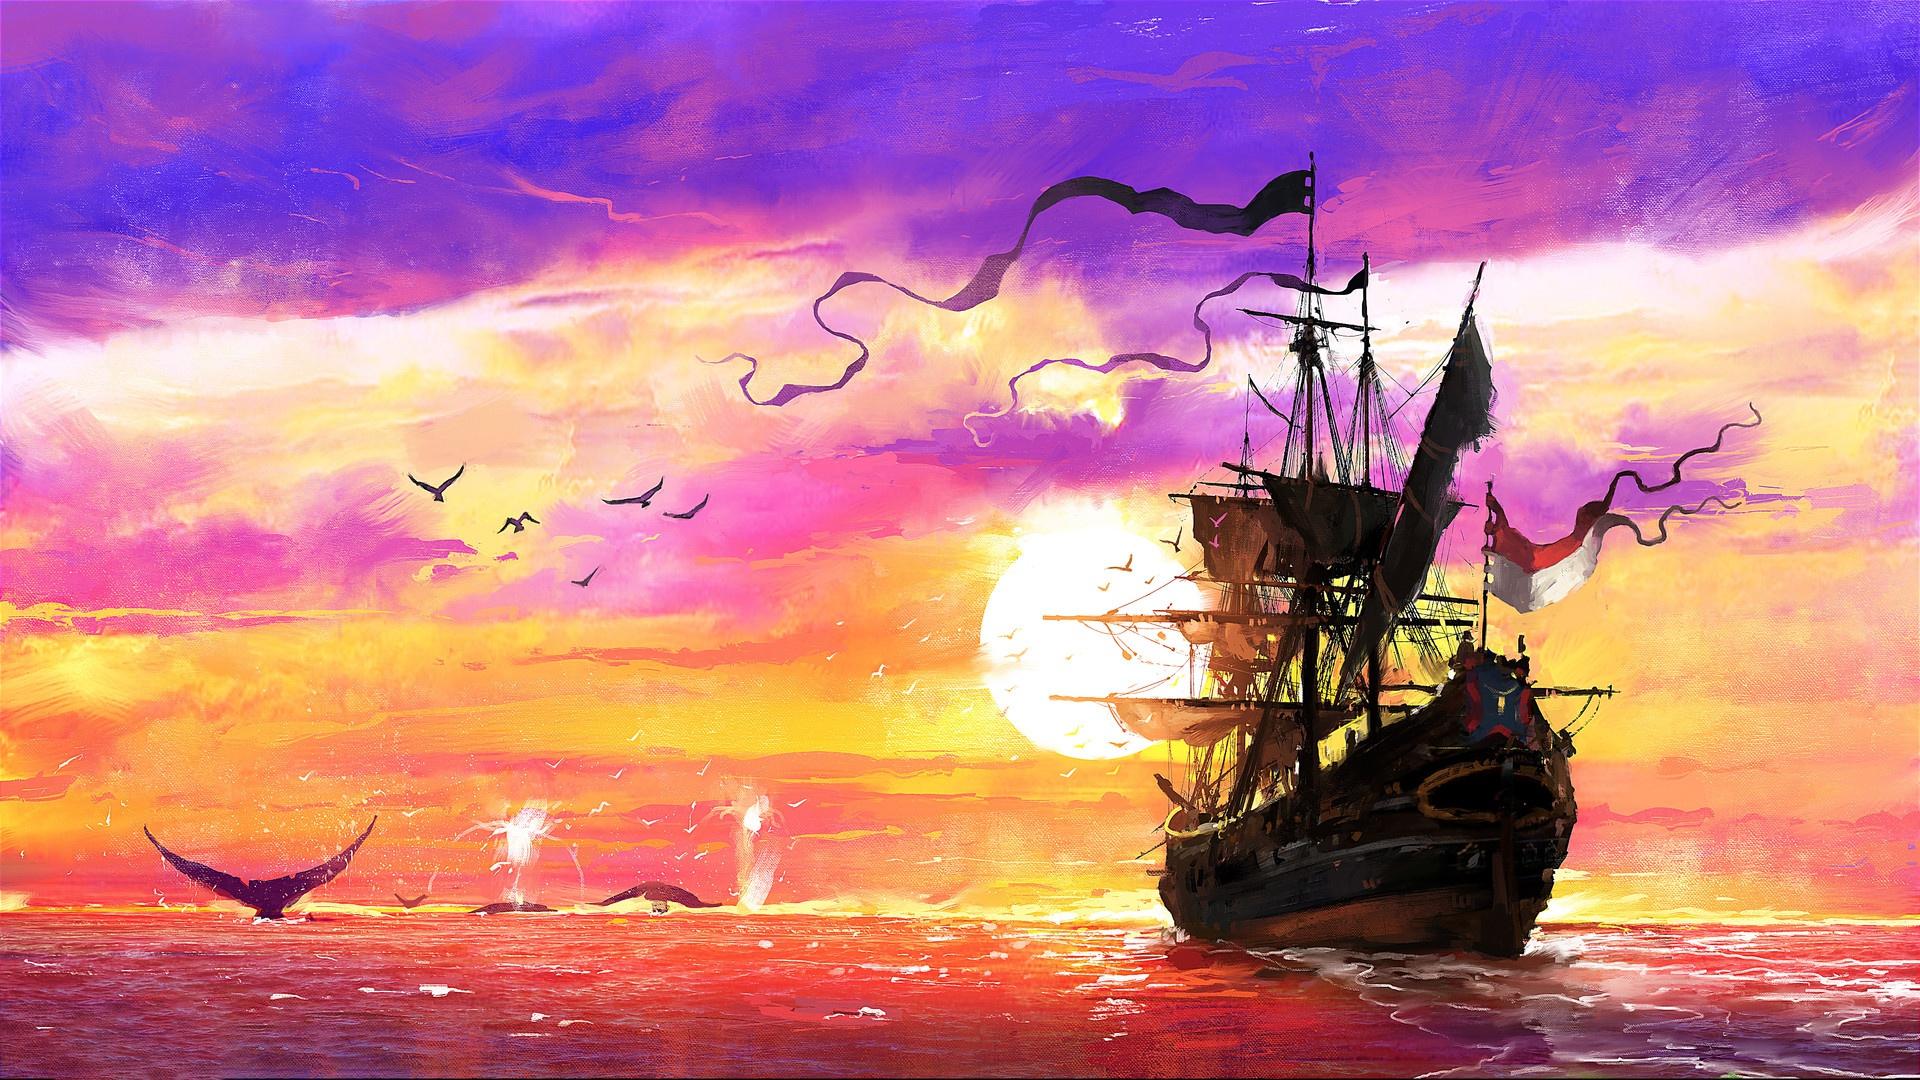 картинки фэнтези небо и корабль новой родной вспышки